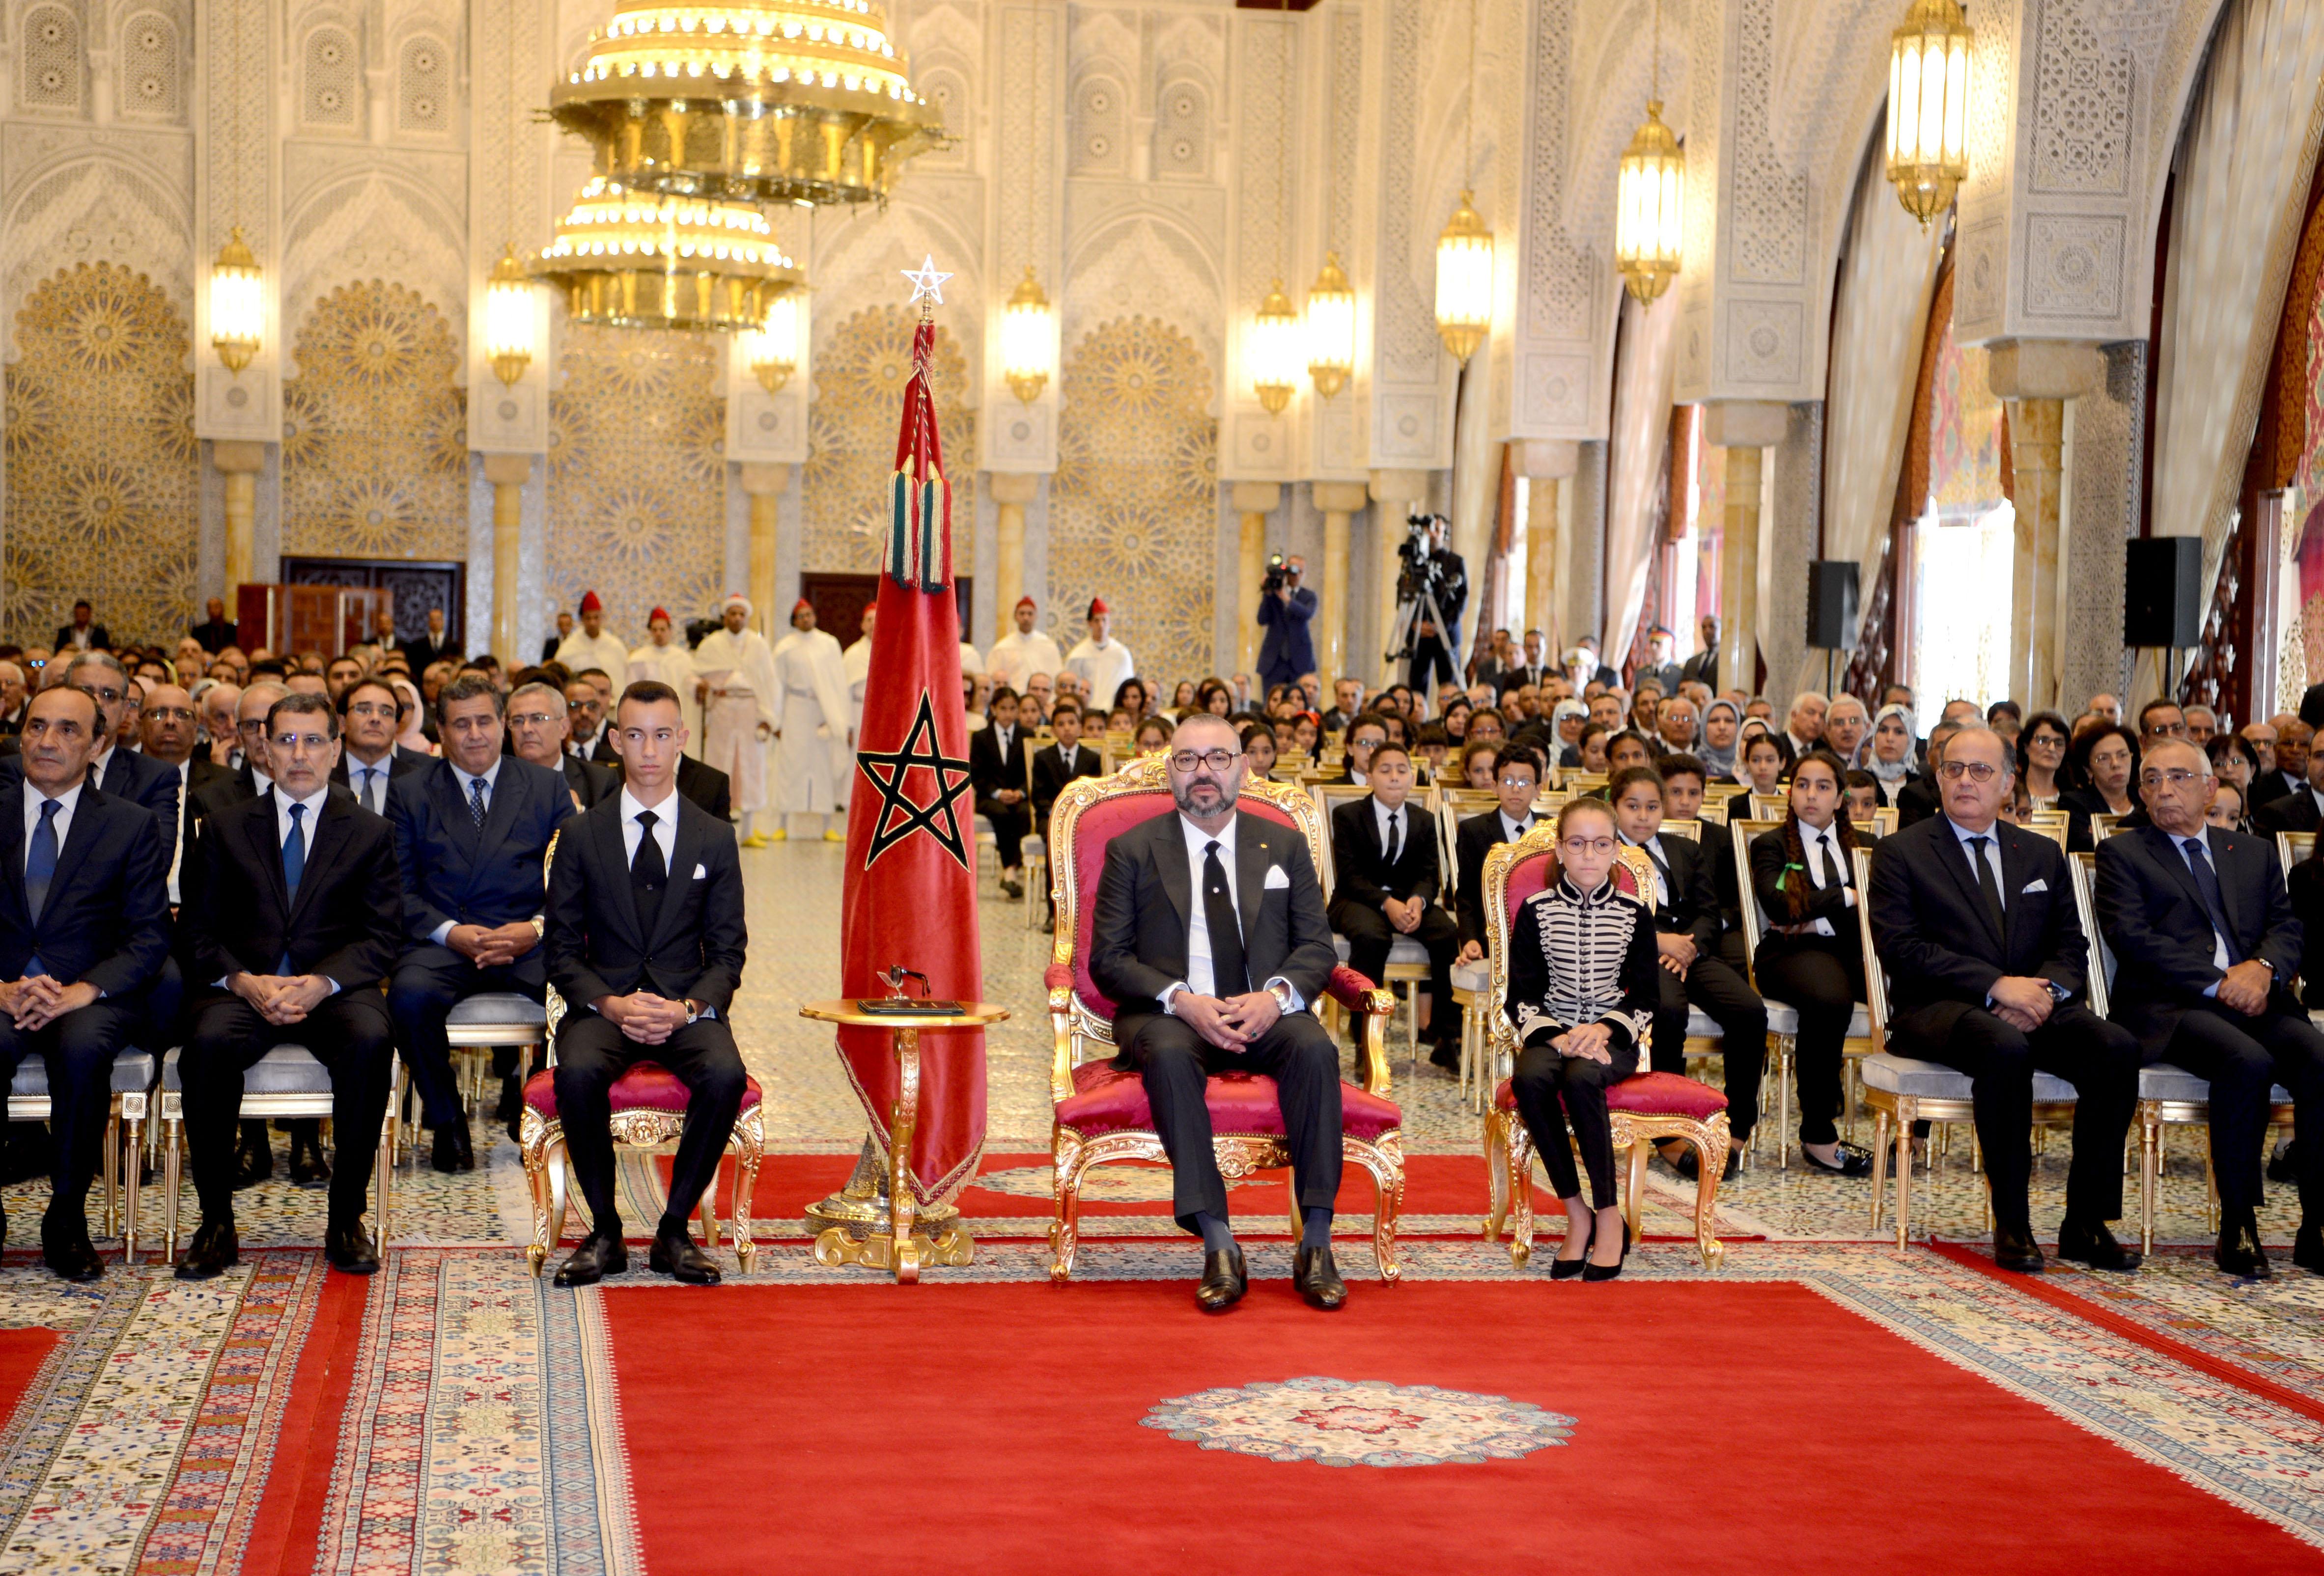 جلالة الملك يترأس حفل تقديم حصيلة دعم التمدرس وتنزيل إصلاح التربية والتكوين (صور)